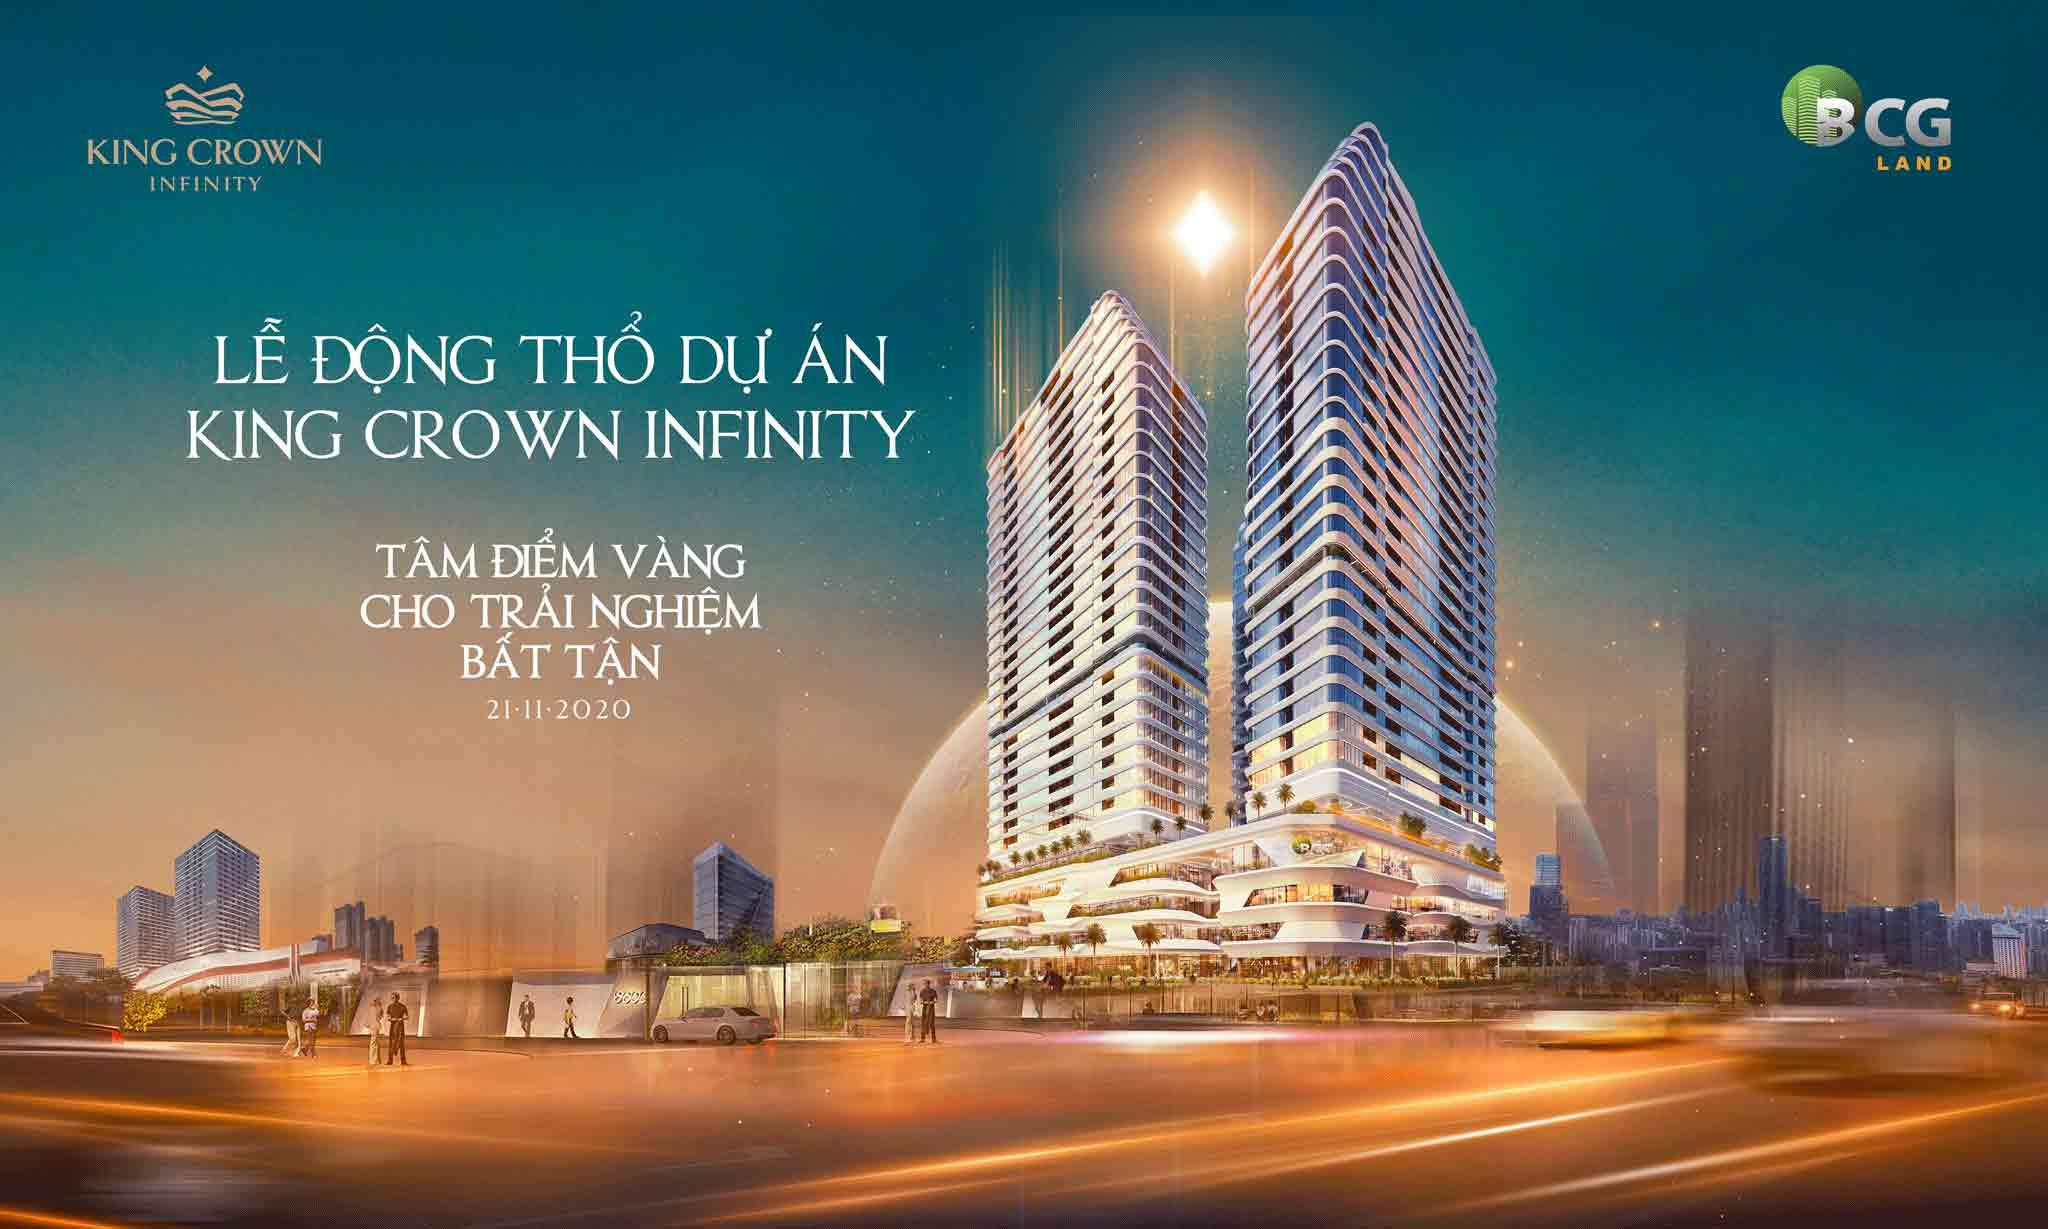 HÌNH PHỐI CẢNH DỰ ÁN KING CROWN INFINITY THỦ ĐỨC